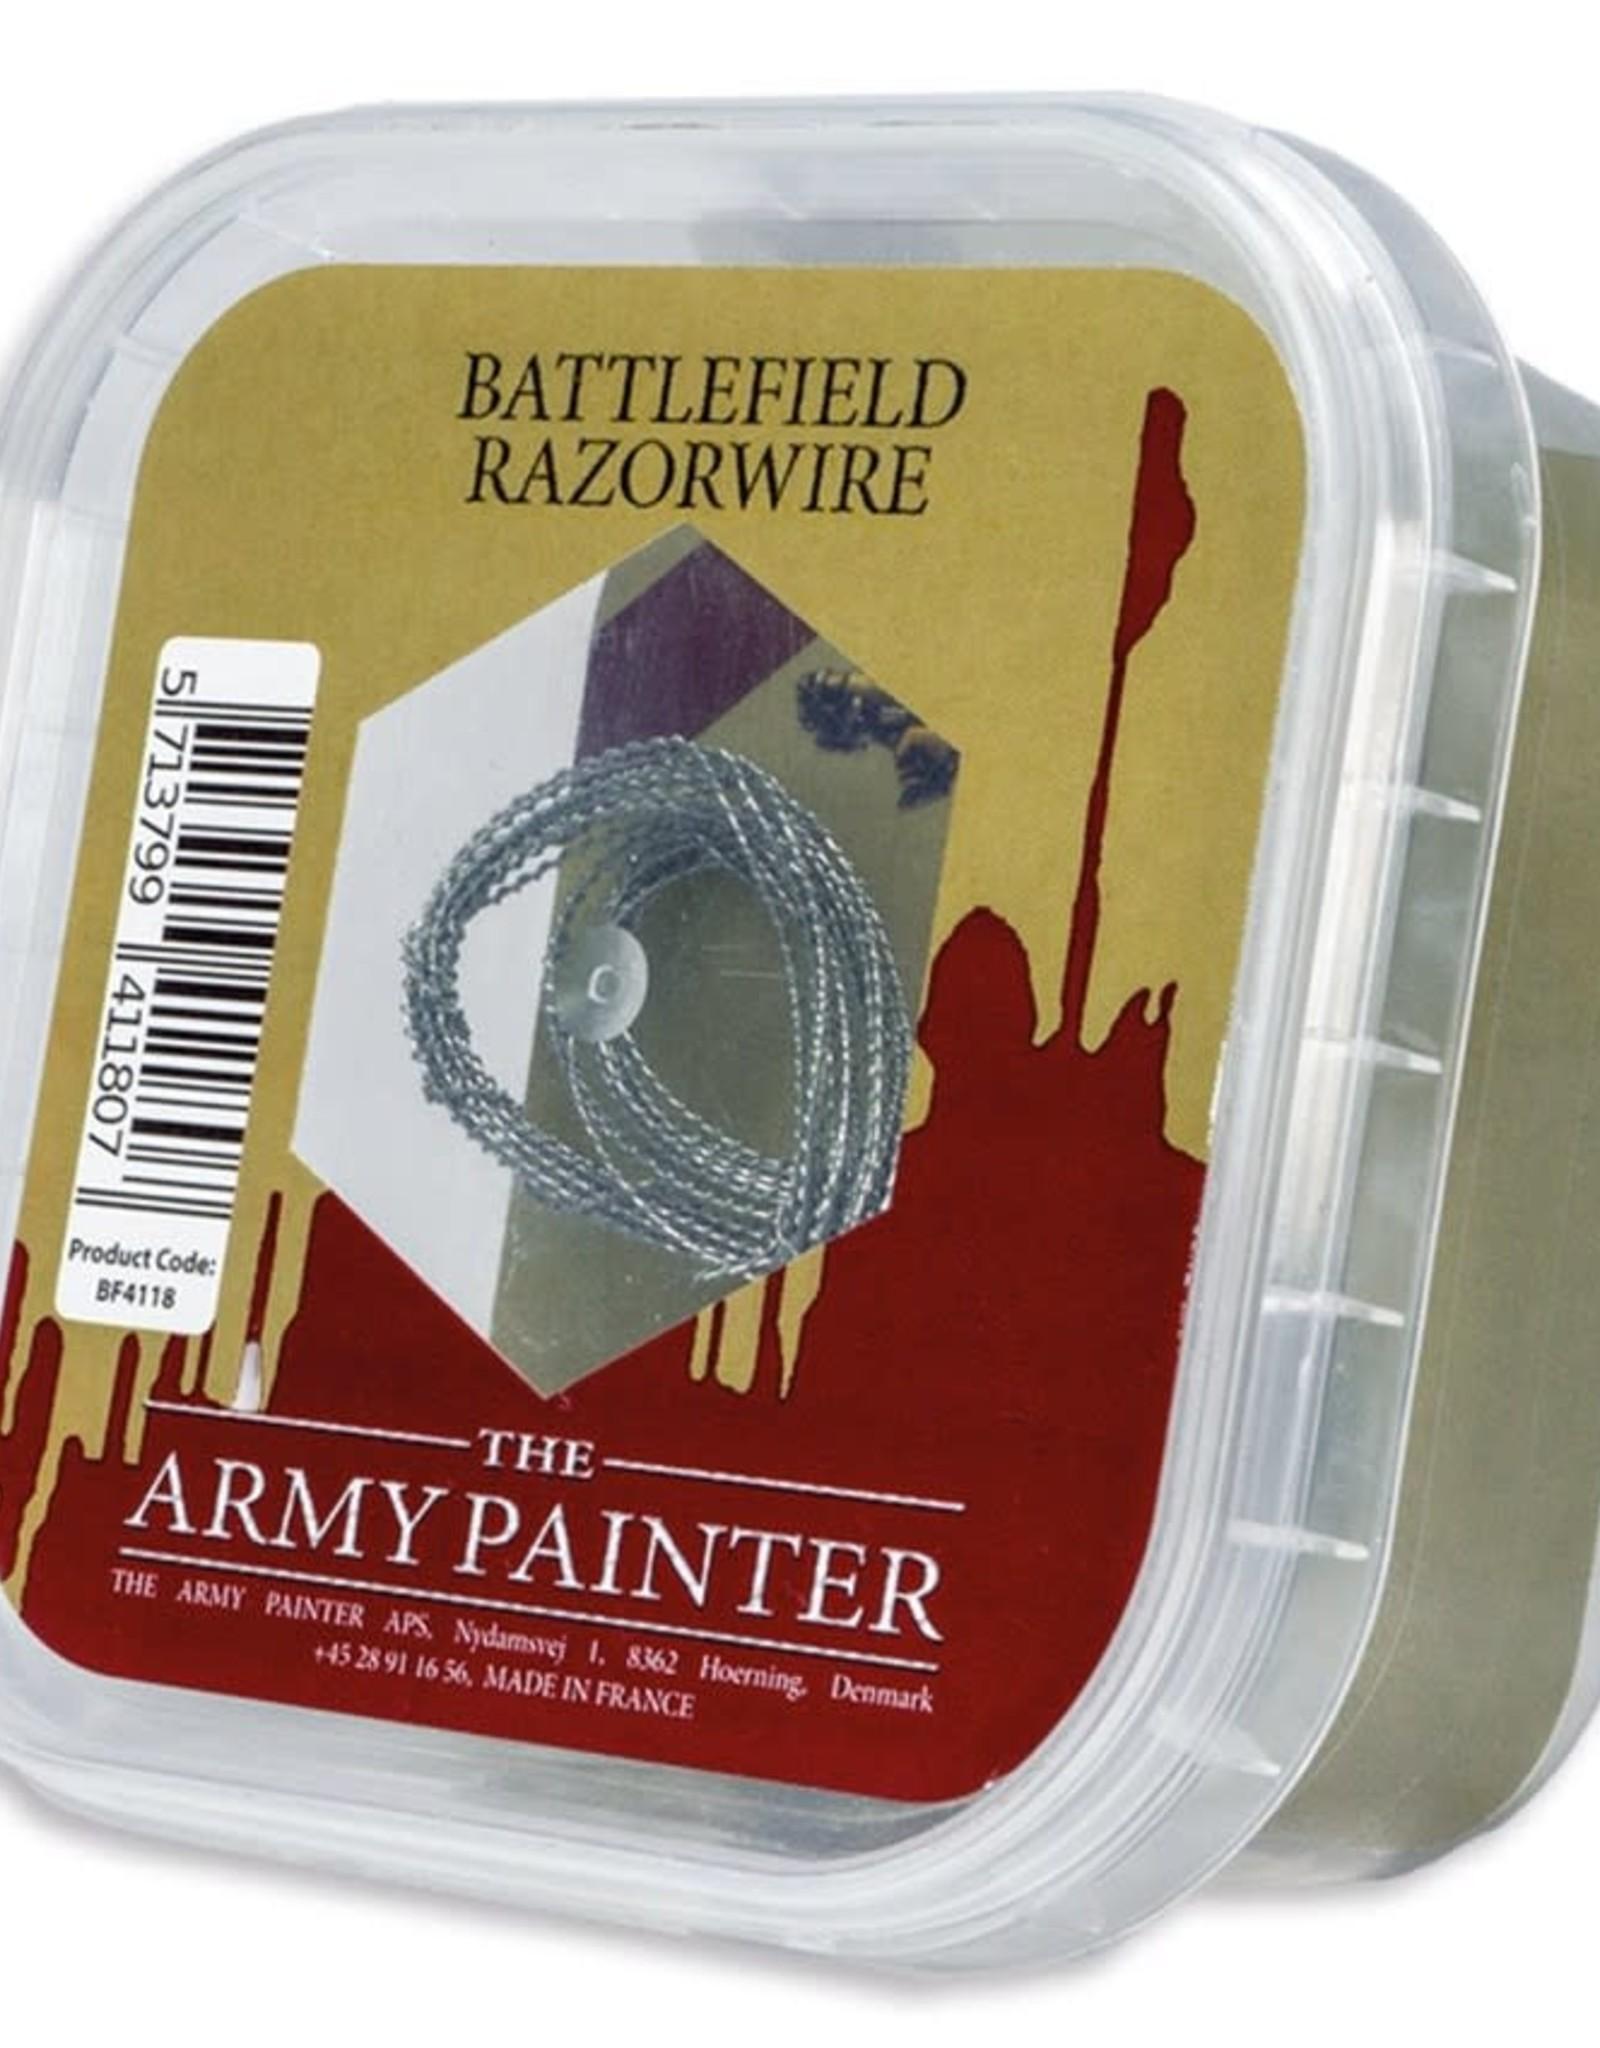 TOOL TAP 4G BATTLEFIELD RAZORWIRE